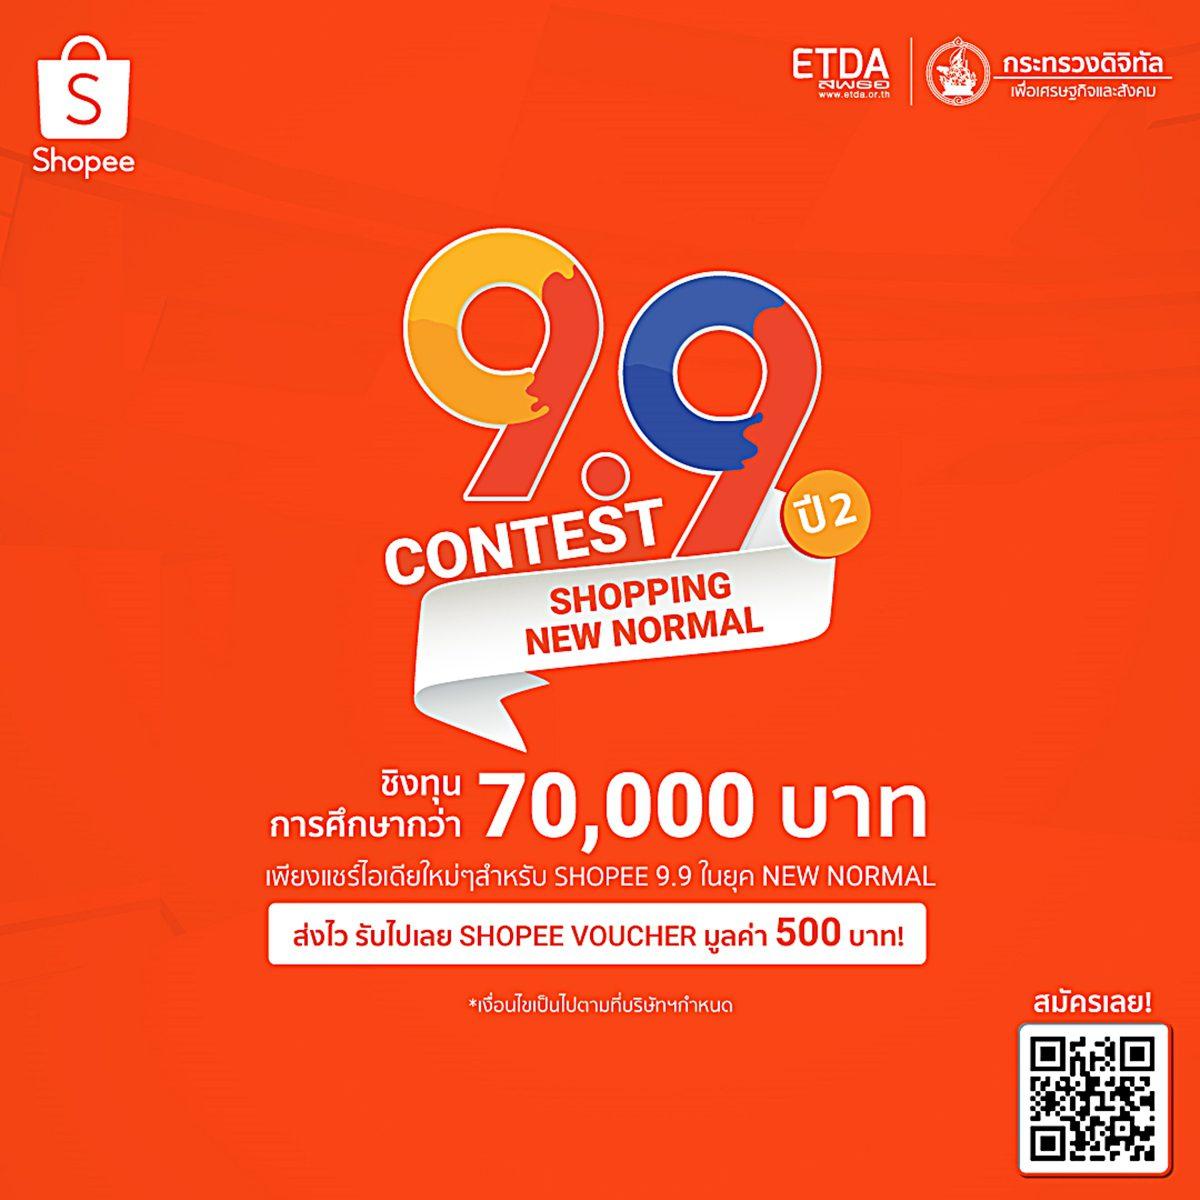 ช้อปปี้ จับมือ ETDA เปิดตัว 'Shopee 9.9 Contest 2020: Shopping New Normal'  เวทีประลองสุดยิ่งใหญ่ที่จะปลุกพลังความคิดสร้างสรรค์ของนิสิต นักศึกษาทั่วประเทศ